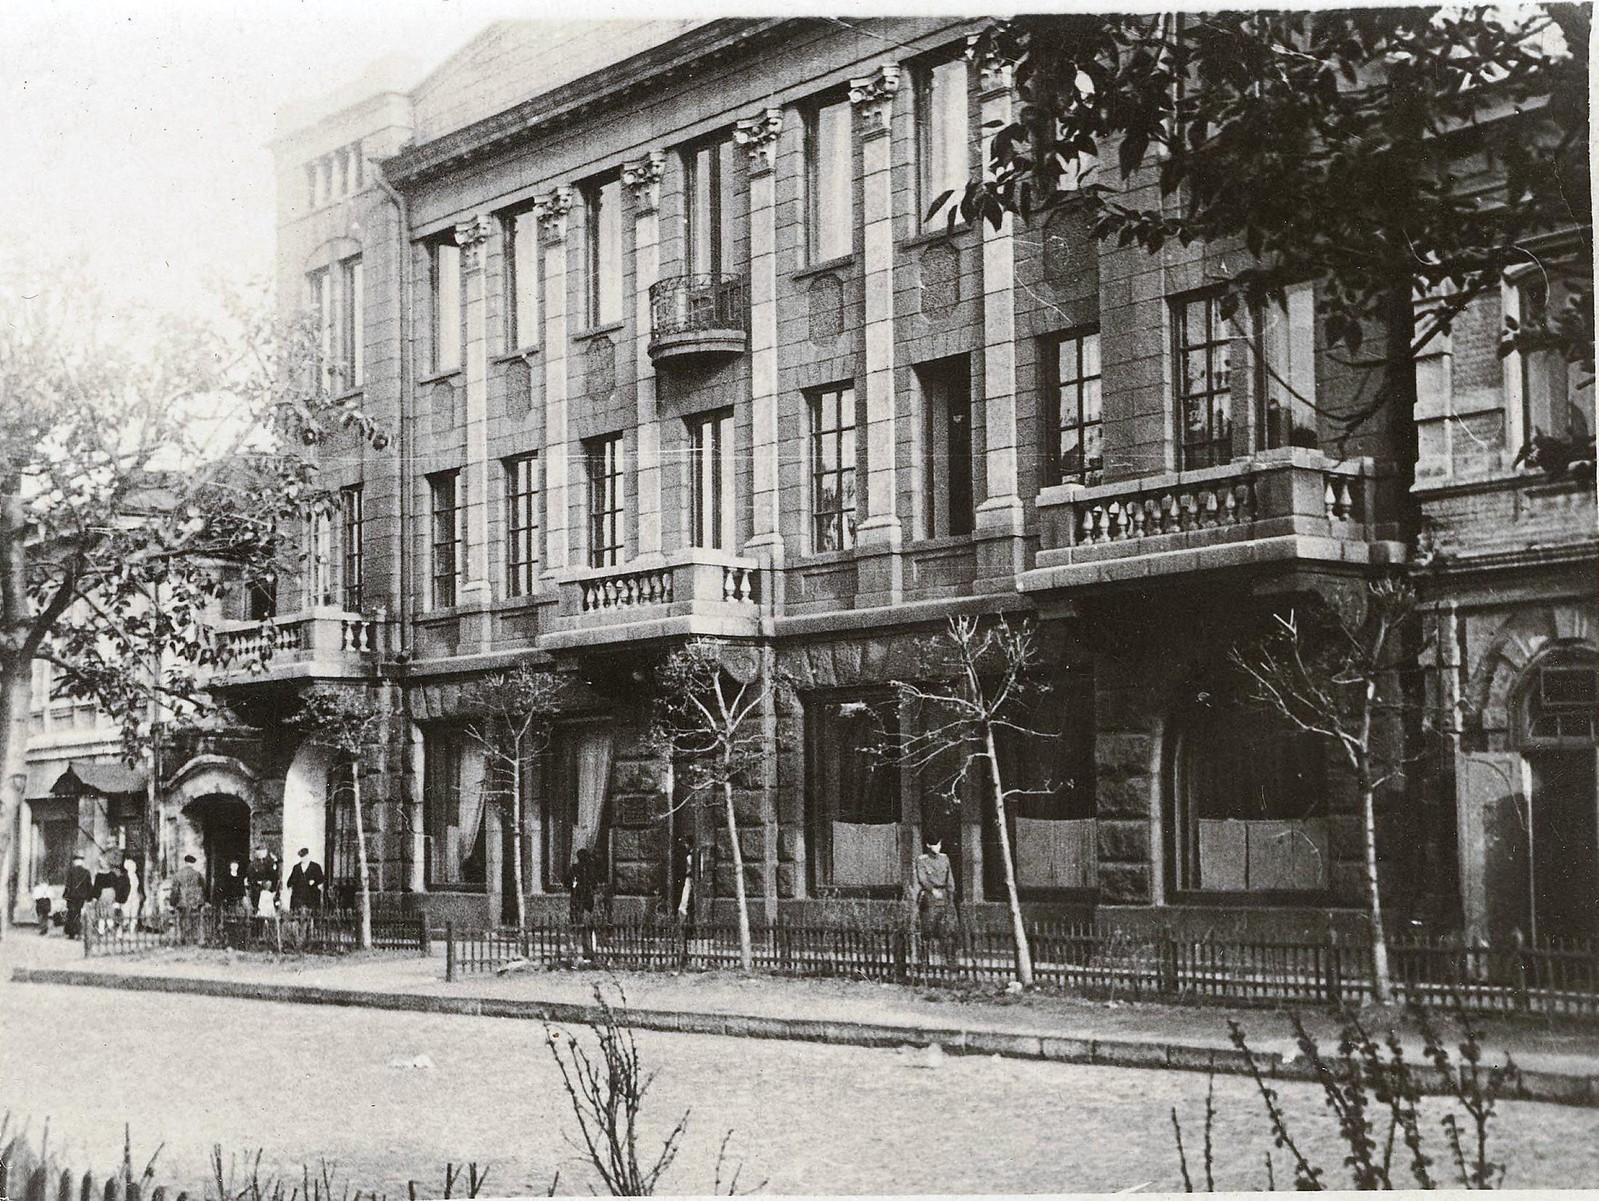 Магазин готового платья с жилыми квартирами магазином и конторой братьев Ревильон. 1915